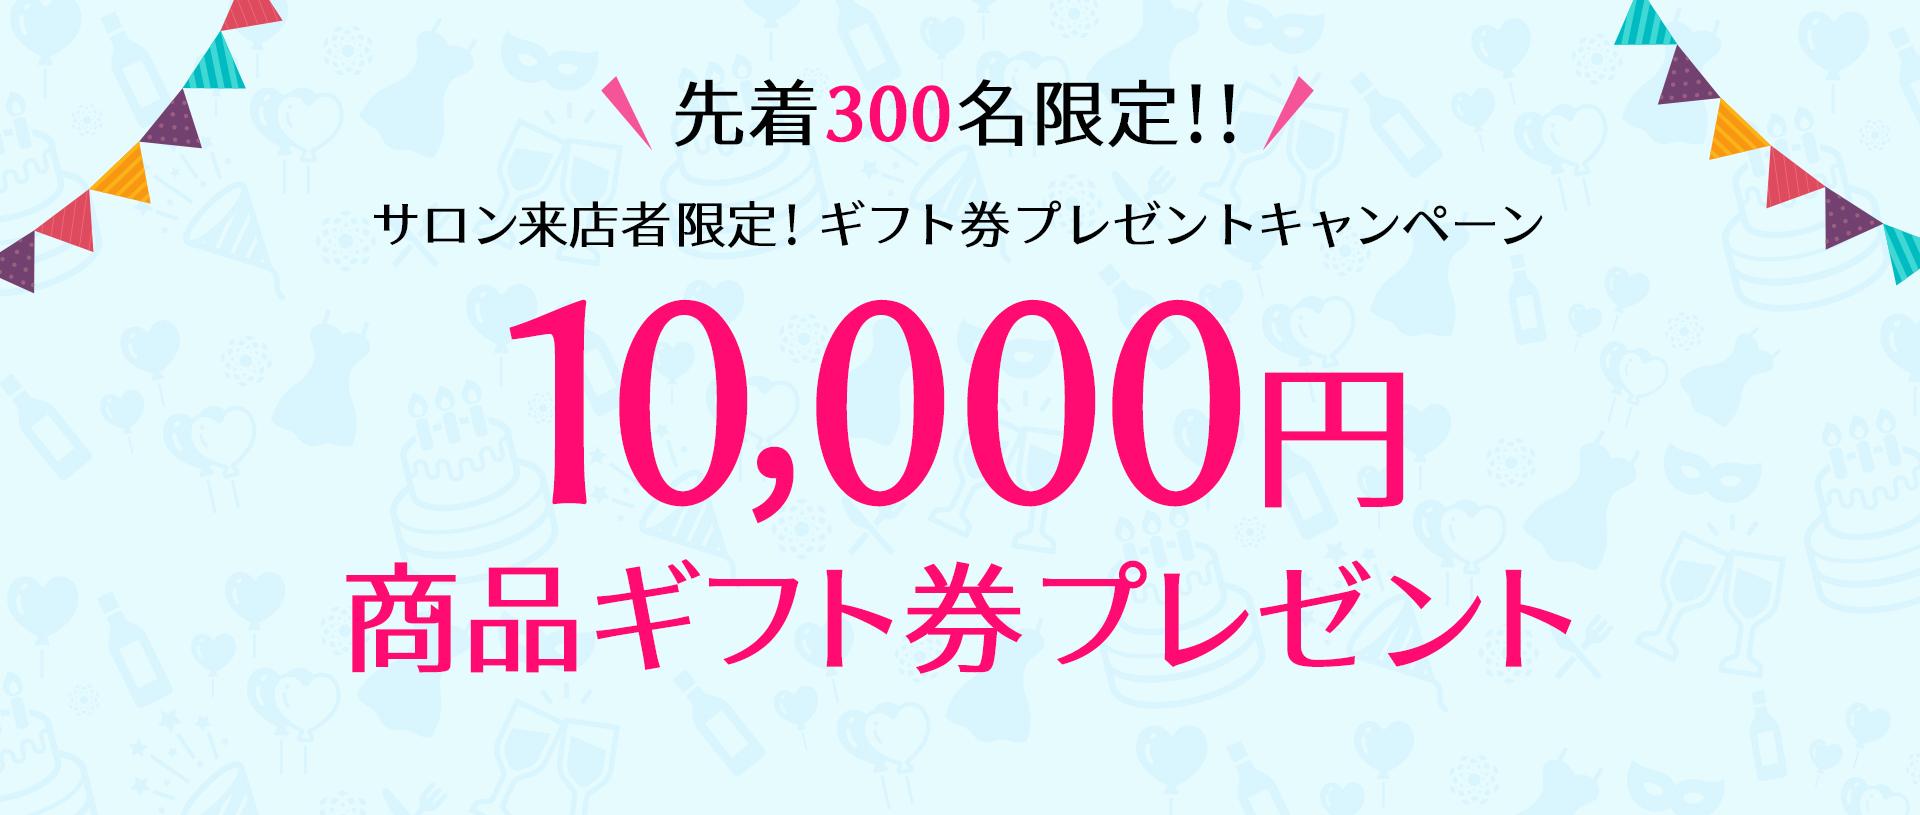 1,000円商品ギフト券プレゼント